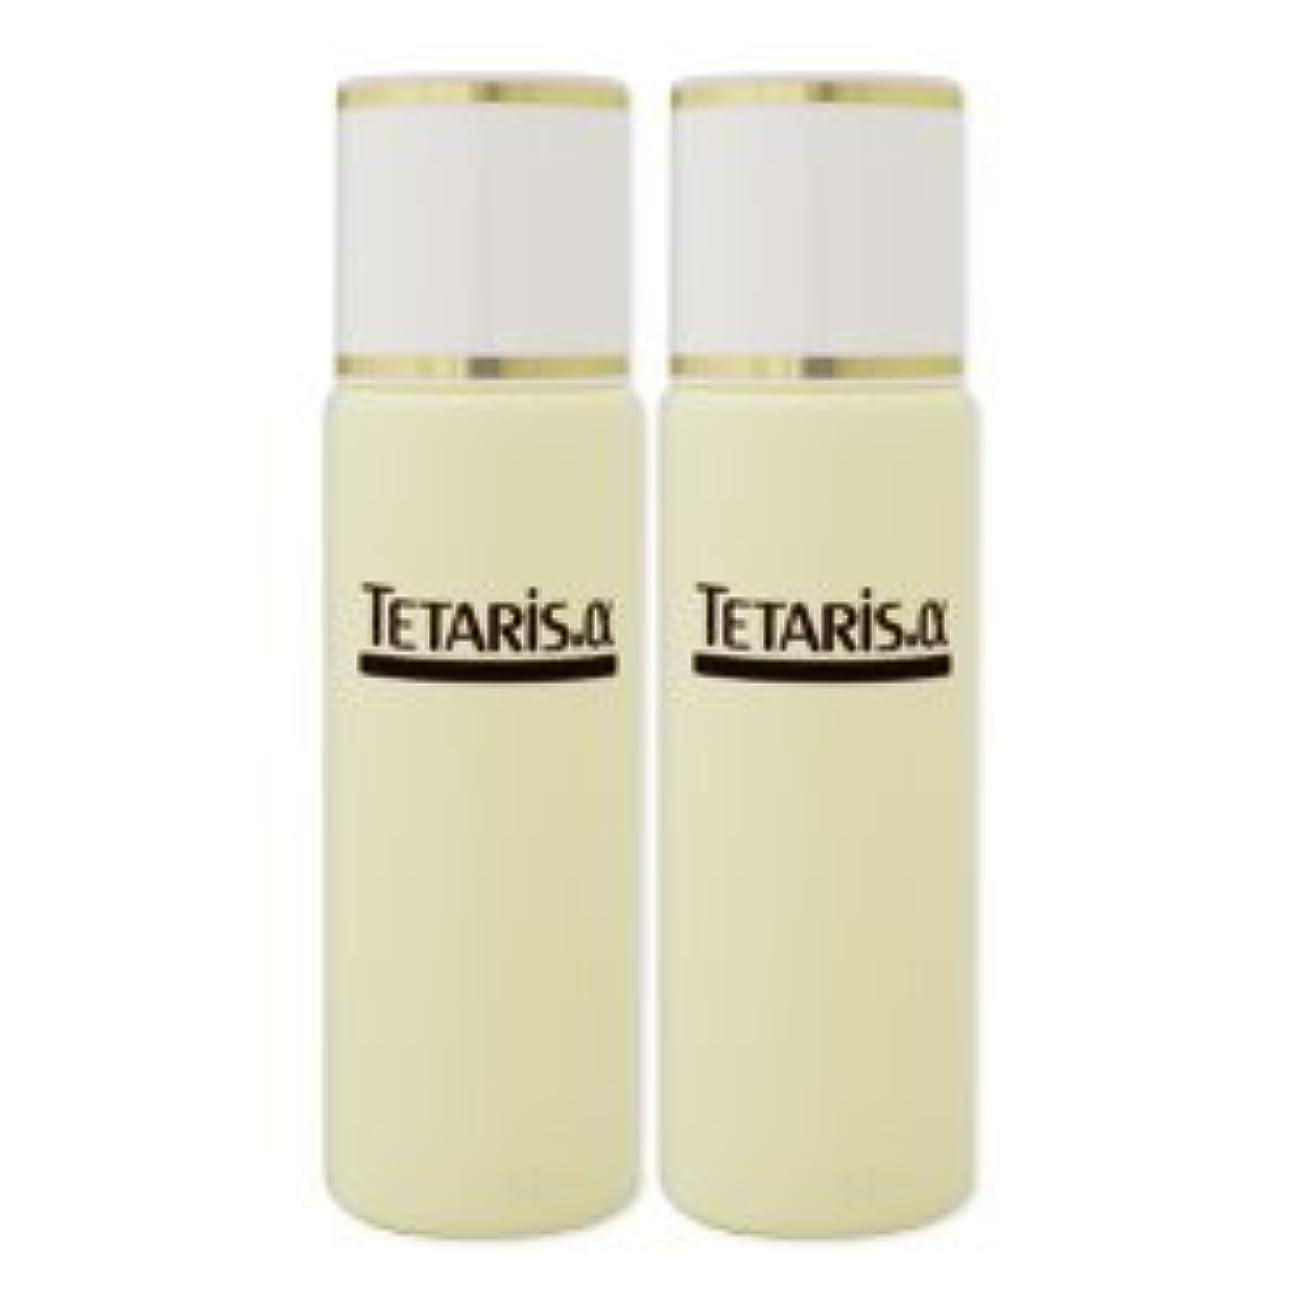 よりアラブアナニバー薬用テタリスアルファ 200ml 2個セット 頭皮用薬用育毛剤 医薬部外品